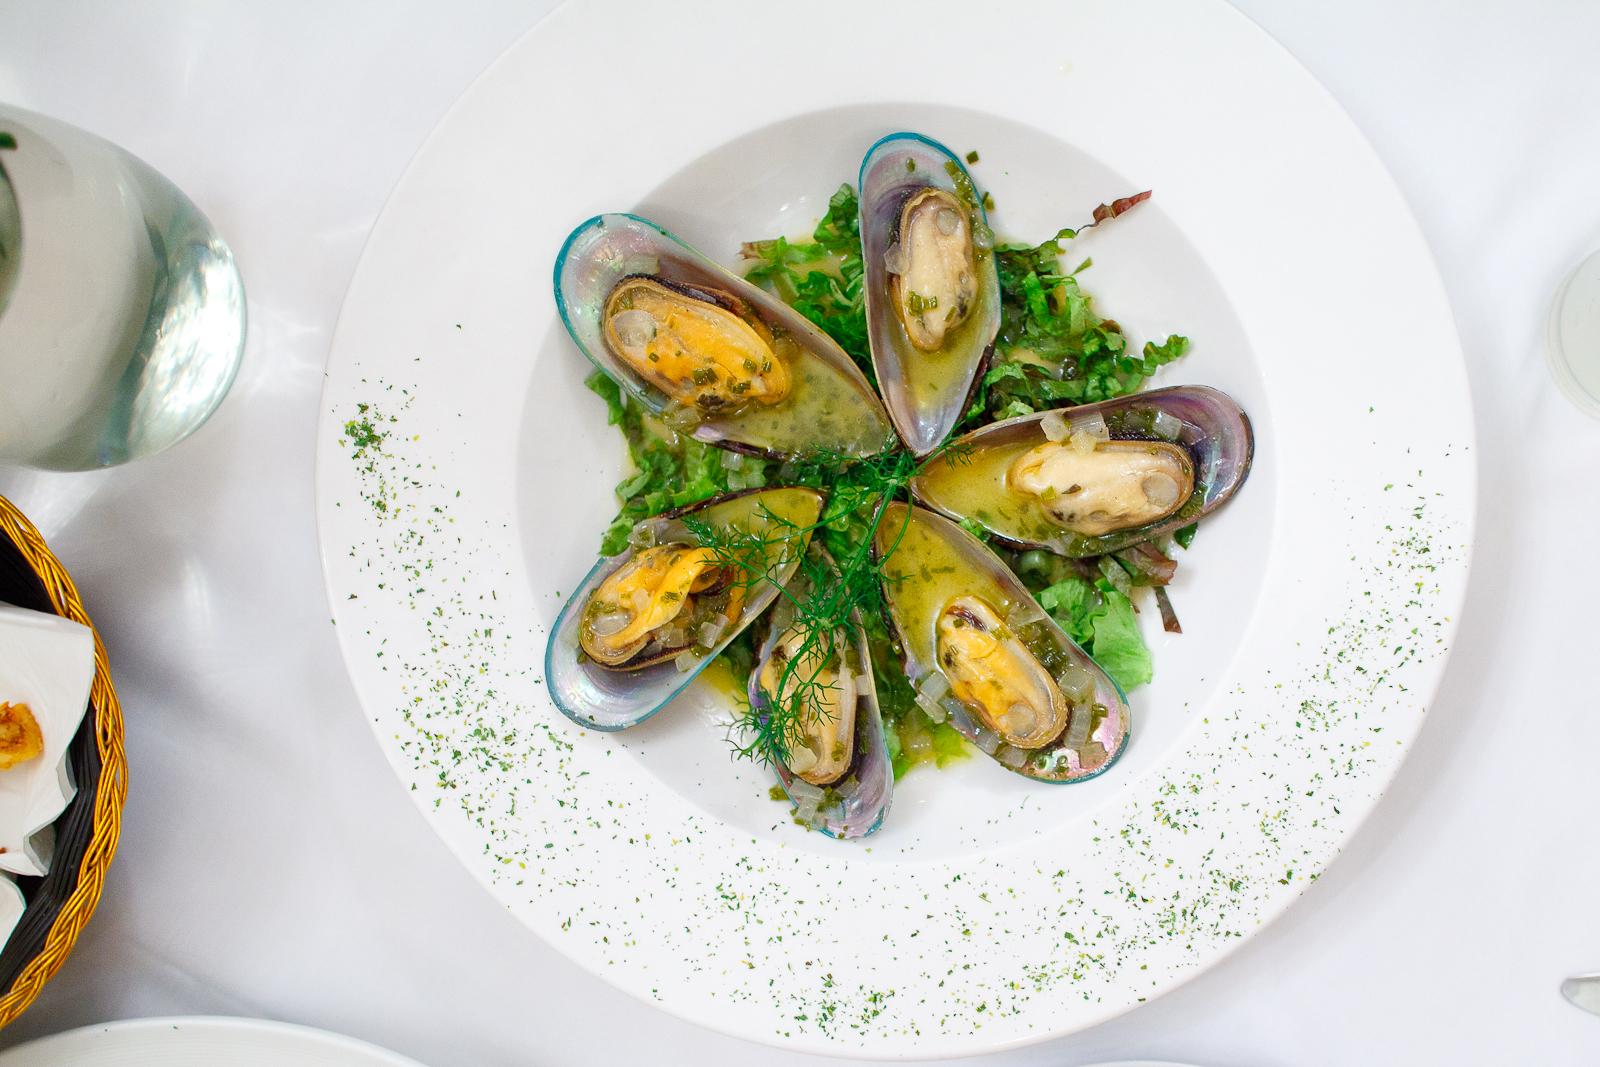 Mejillones en mantequilla maitre perfumados con un toque de chardonnay (mussels in white wine sauce) (115 MXP)